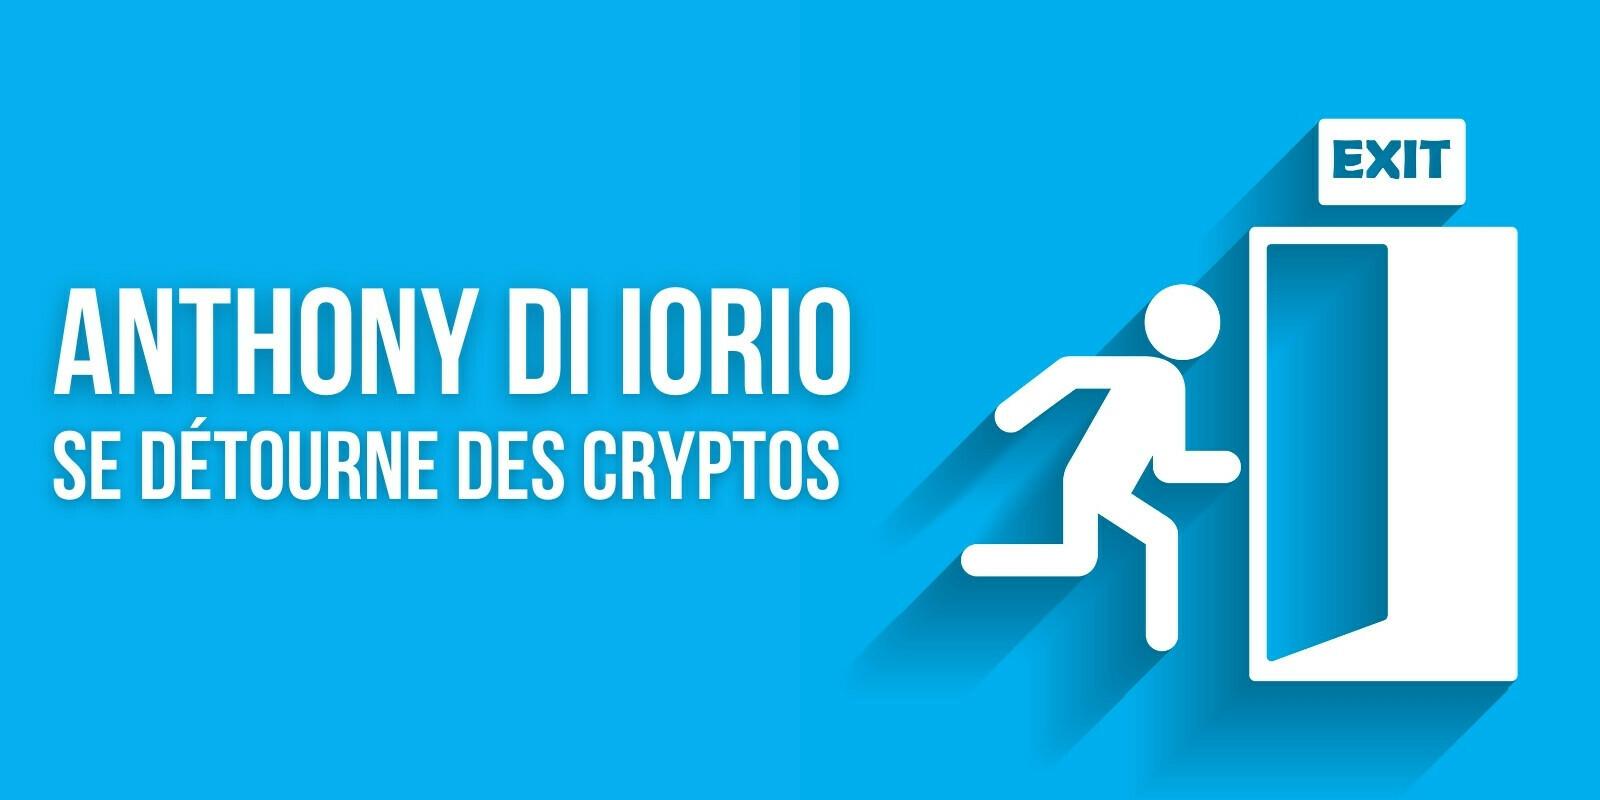 Un des cofondateurs d'Ethereum quitte le monde des cryptomonnaies par crainte pour sa sécurité